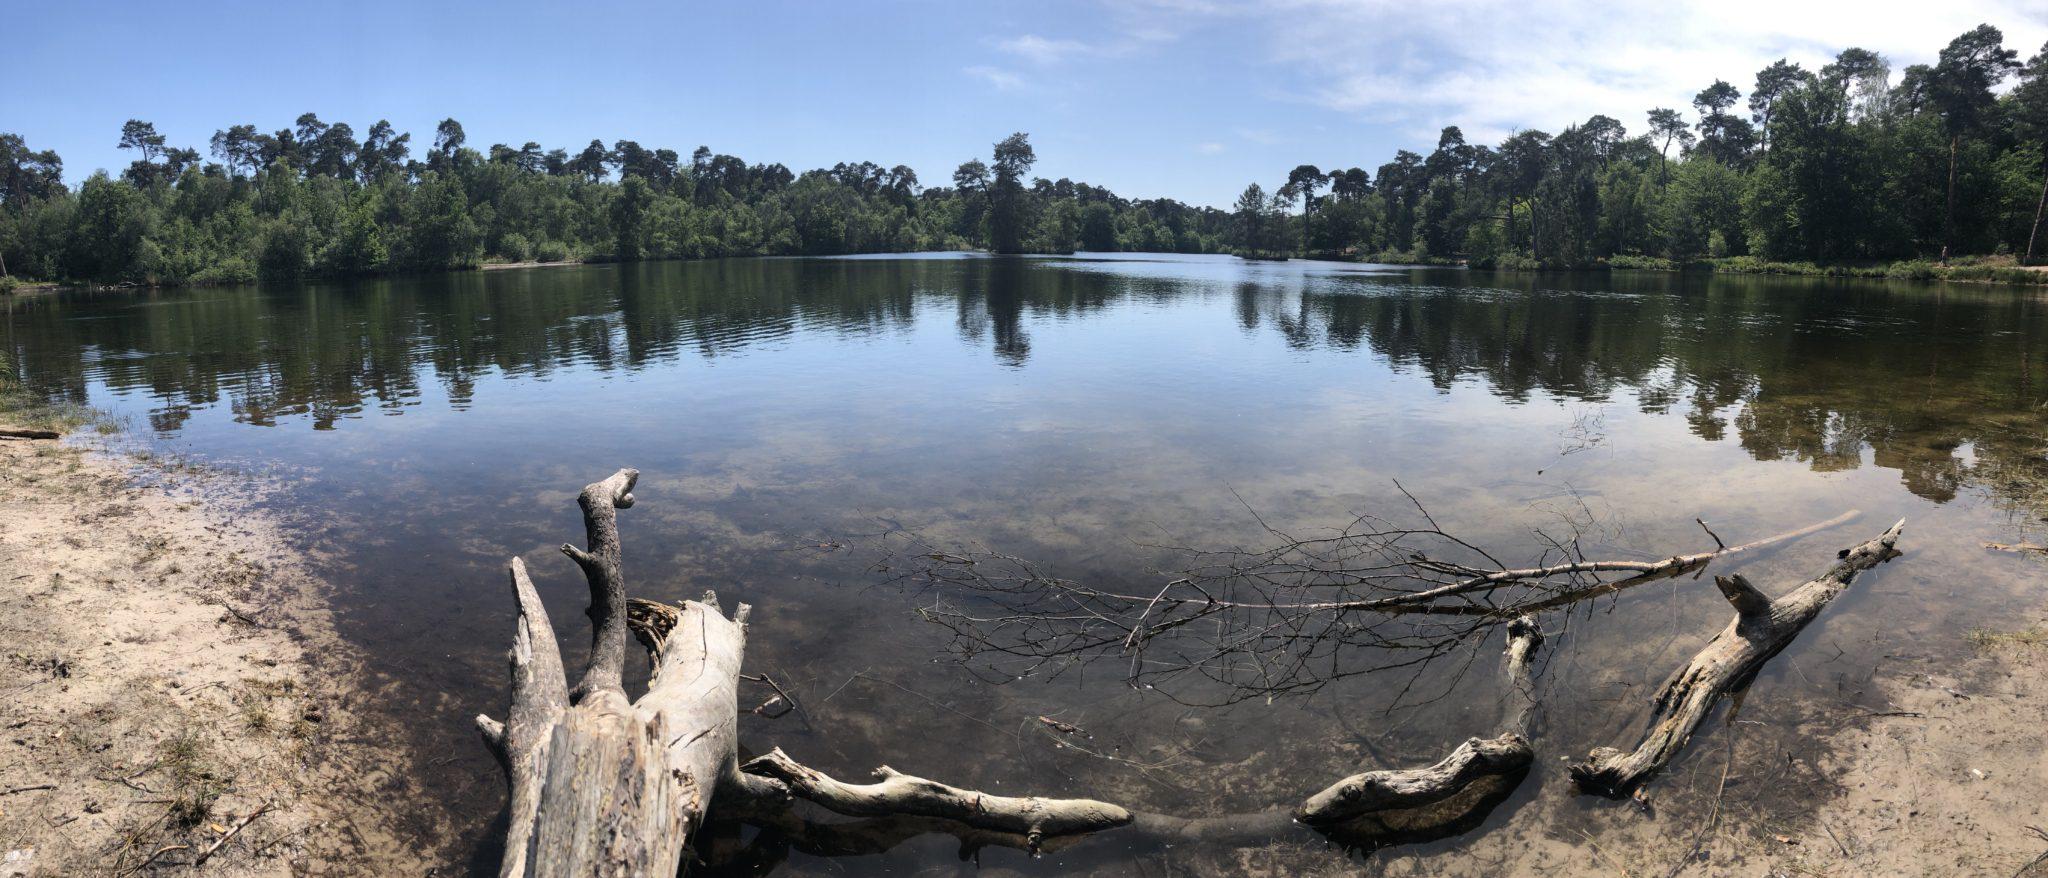 Mooi zicht op de hoofdonderdelen van de Oisterwijkse bossen en vennen